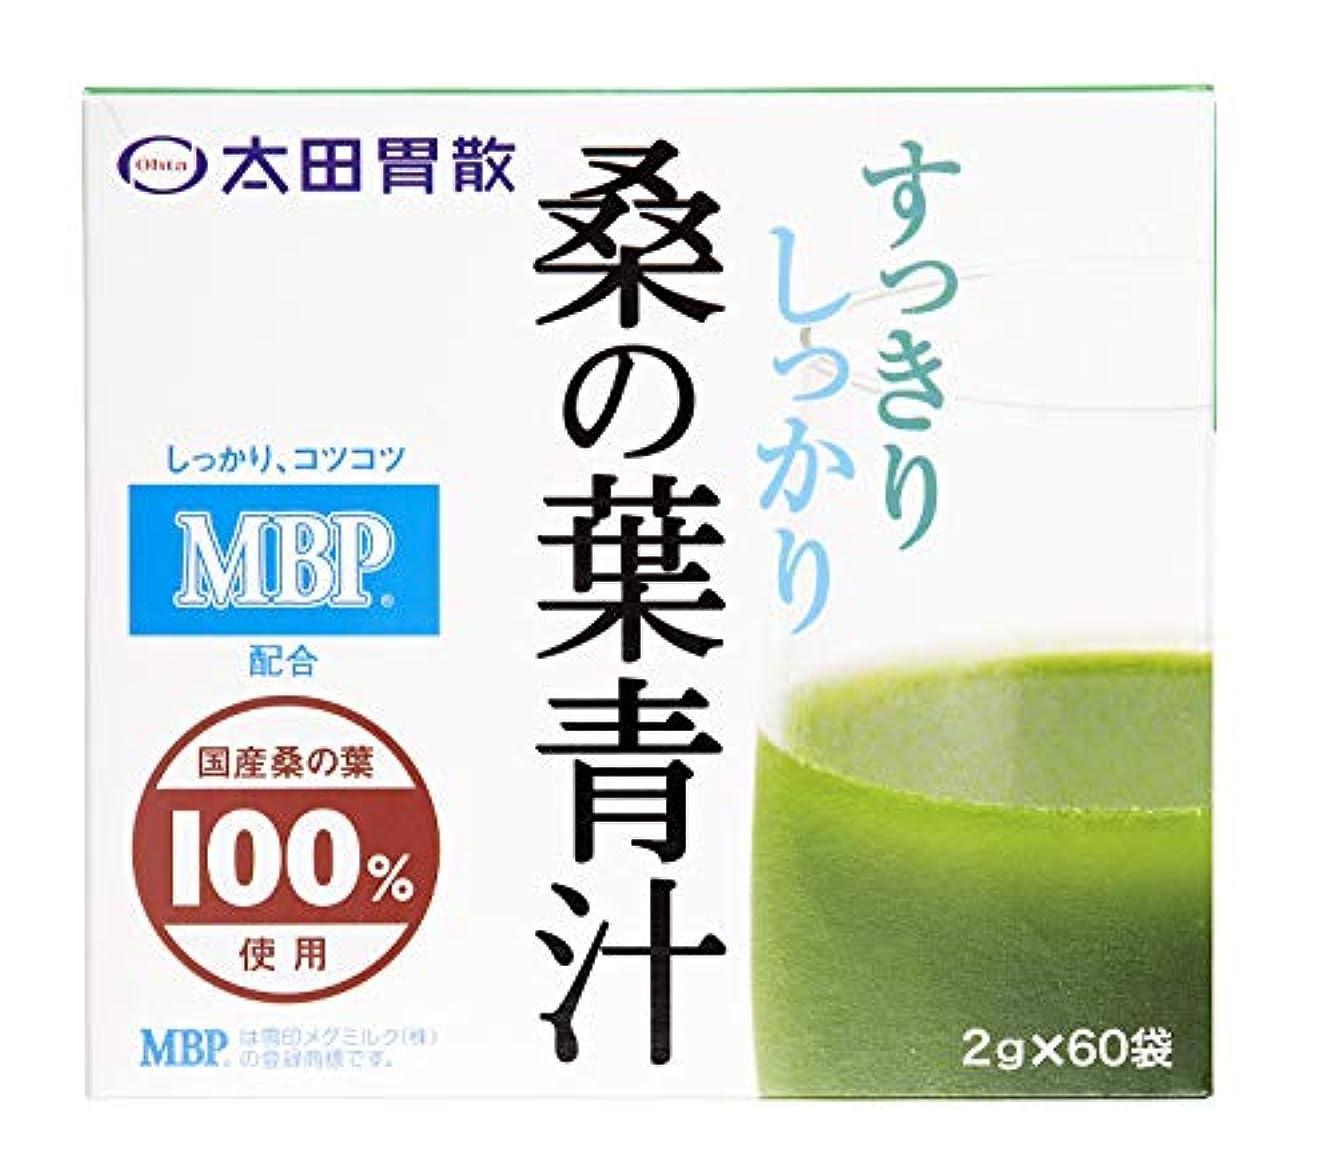 ランチいいねテザー太田胃散 桑の葉青汁 60袋入り(2g×60袋)